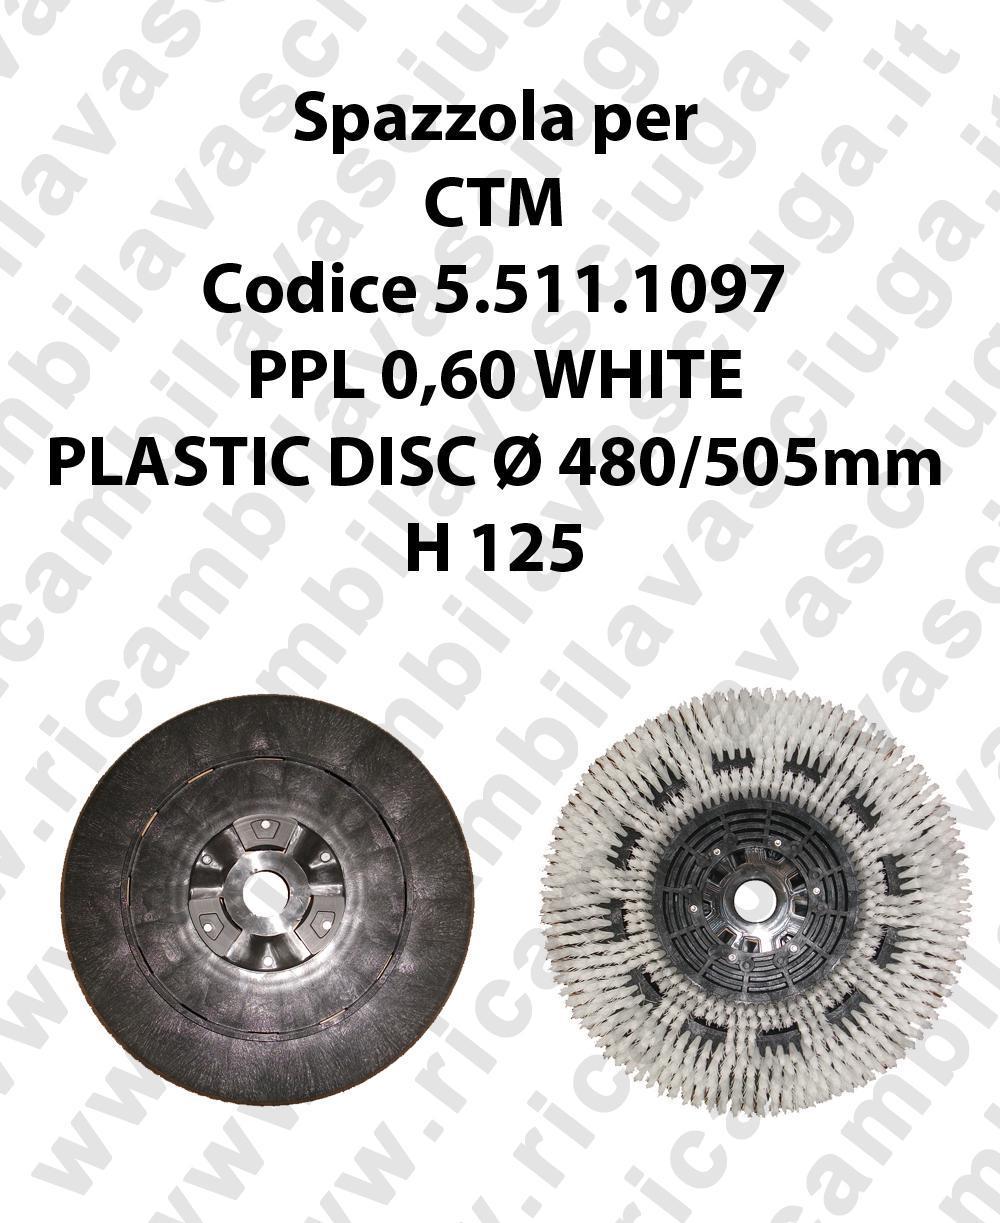 CEPILLO DE LAVADO PPL 0,60 WHITE para fregadora CTM codice 5.511.1097